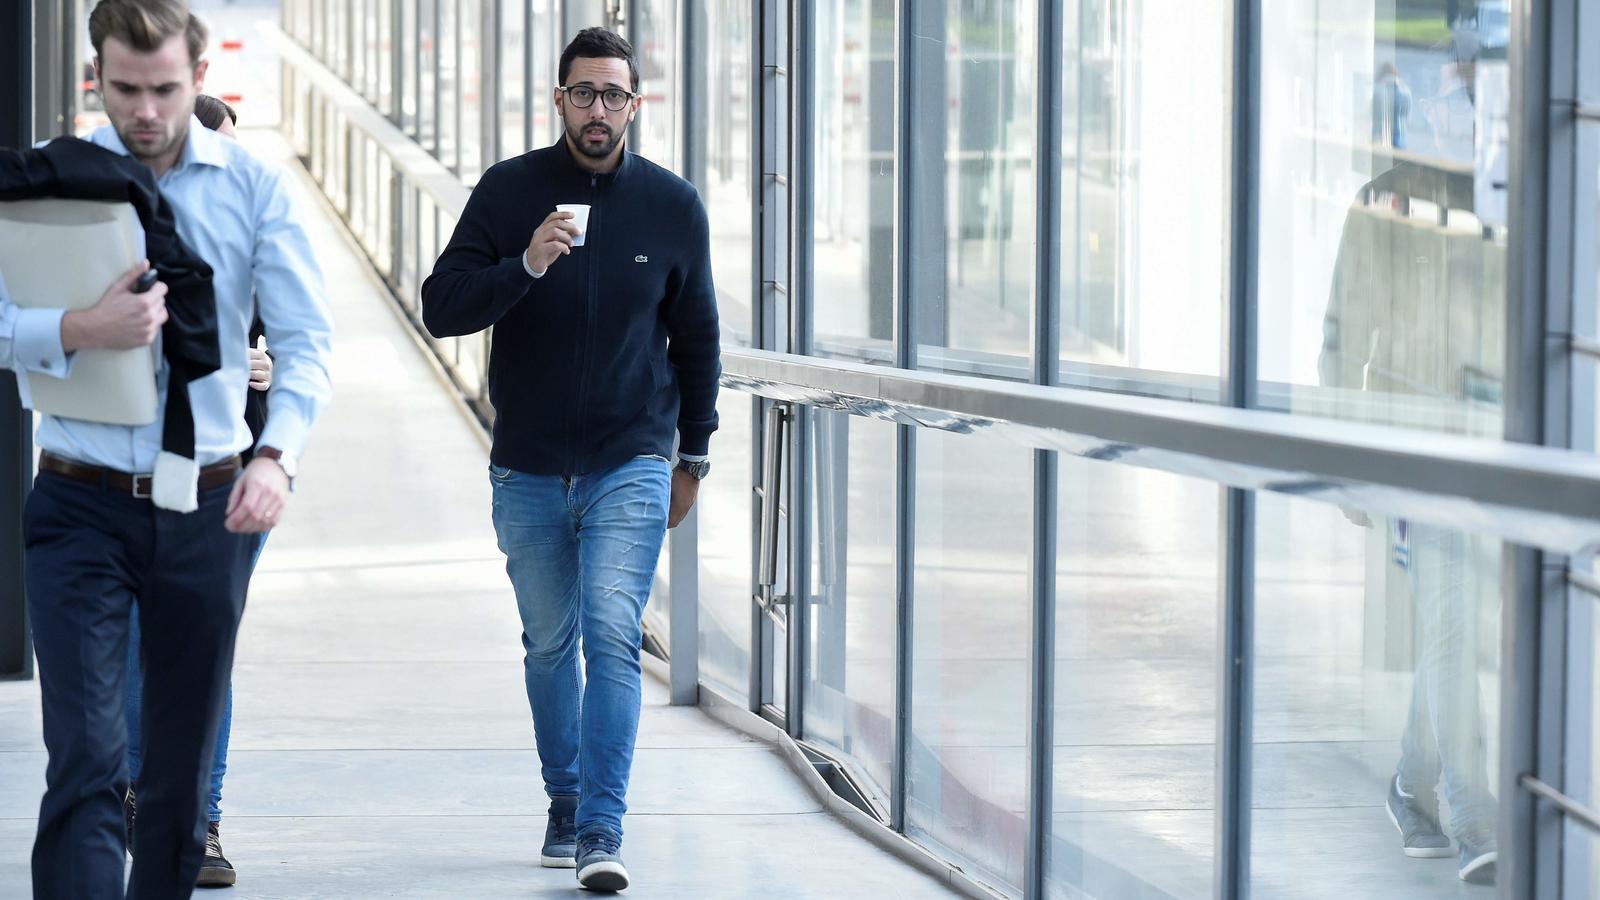 Valtònyc als jutjats de Gant / AFP